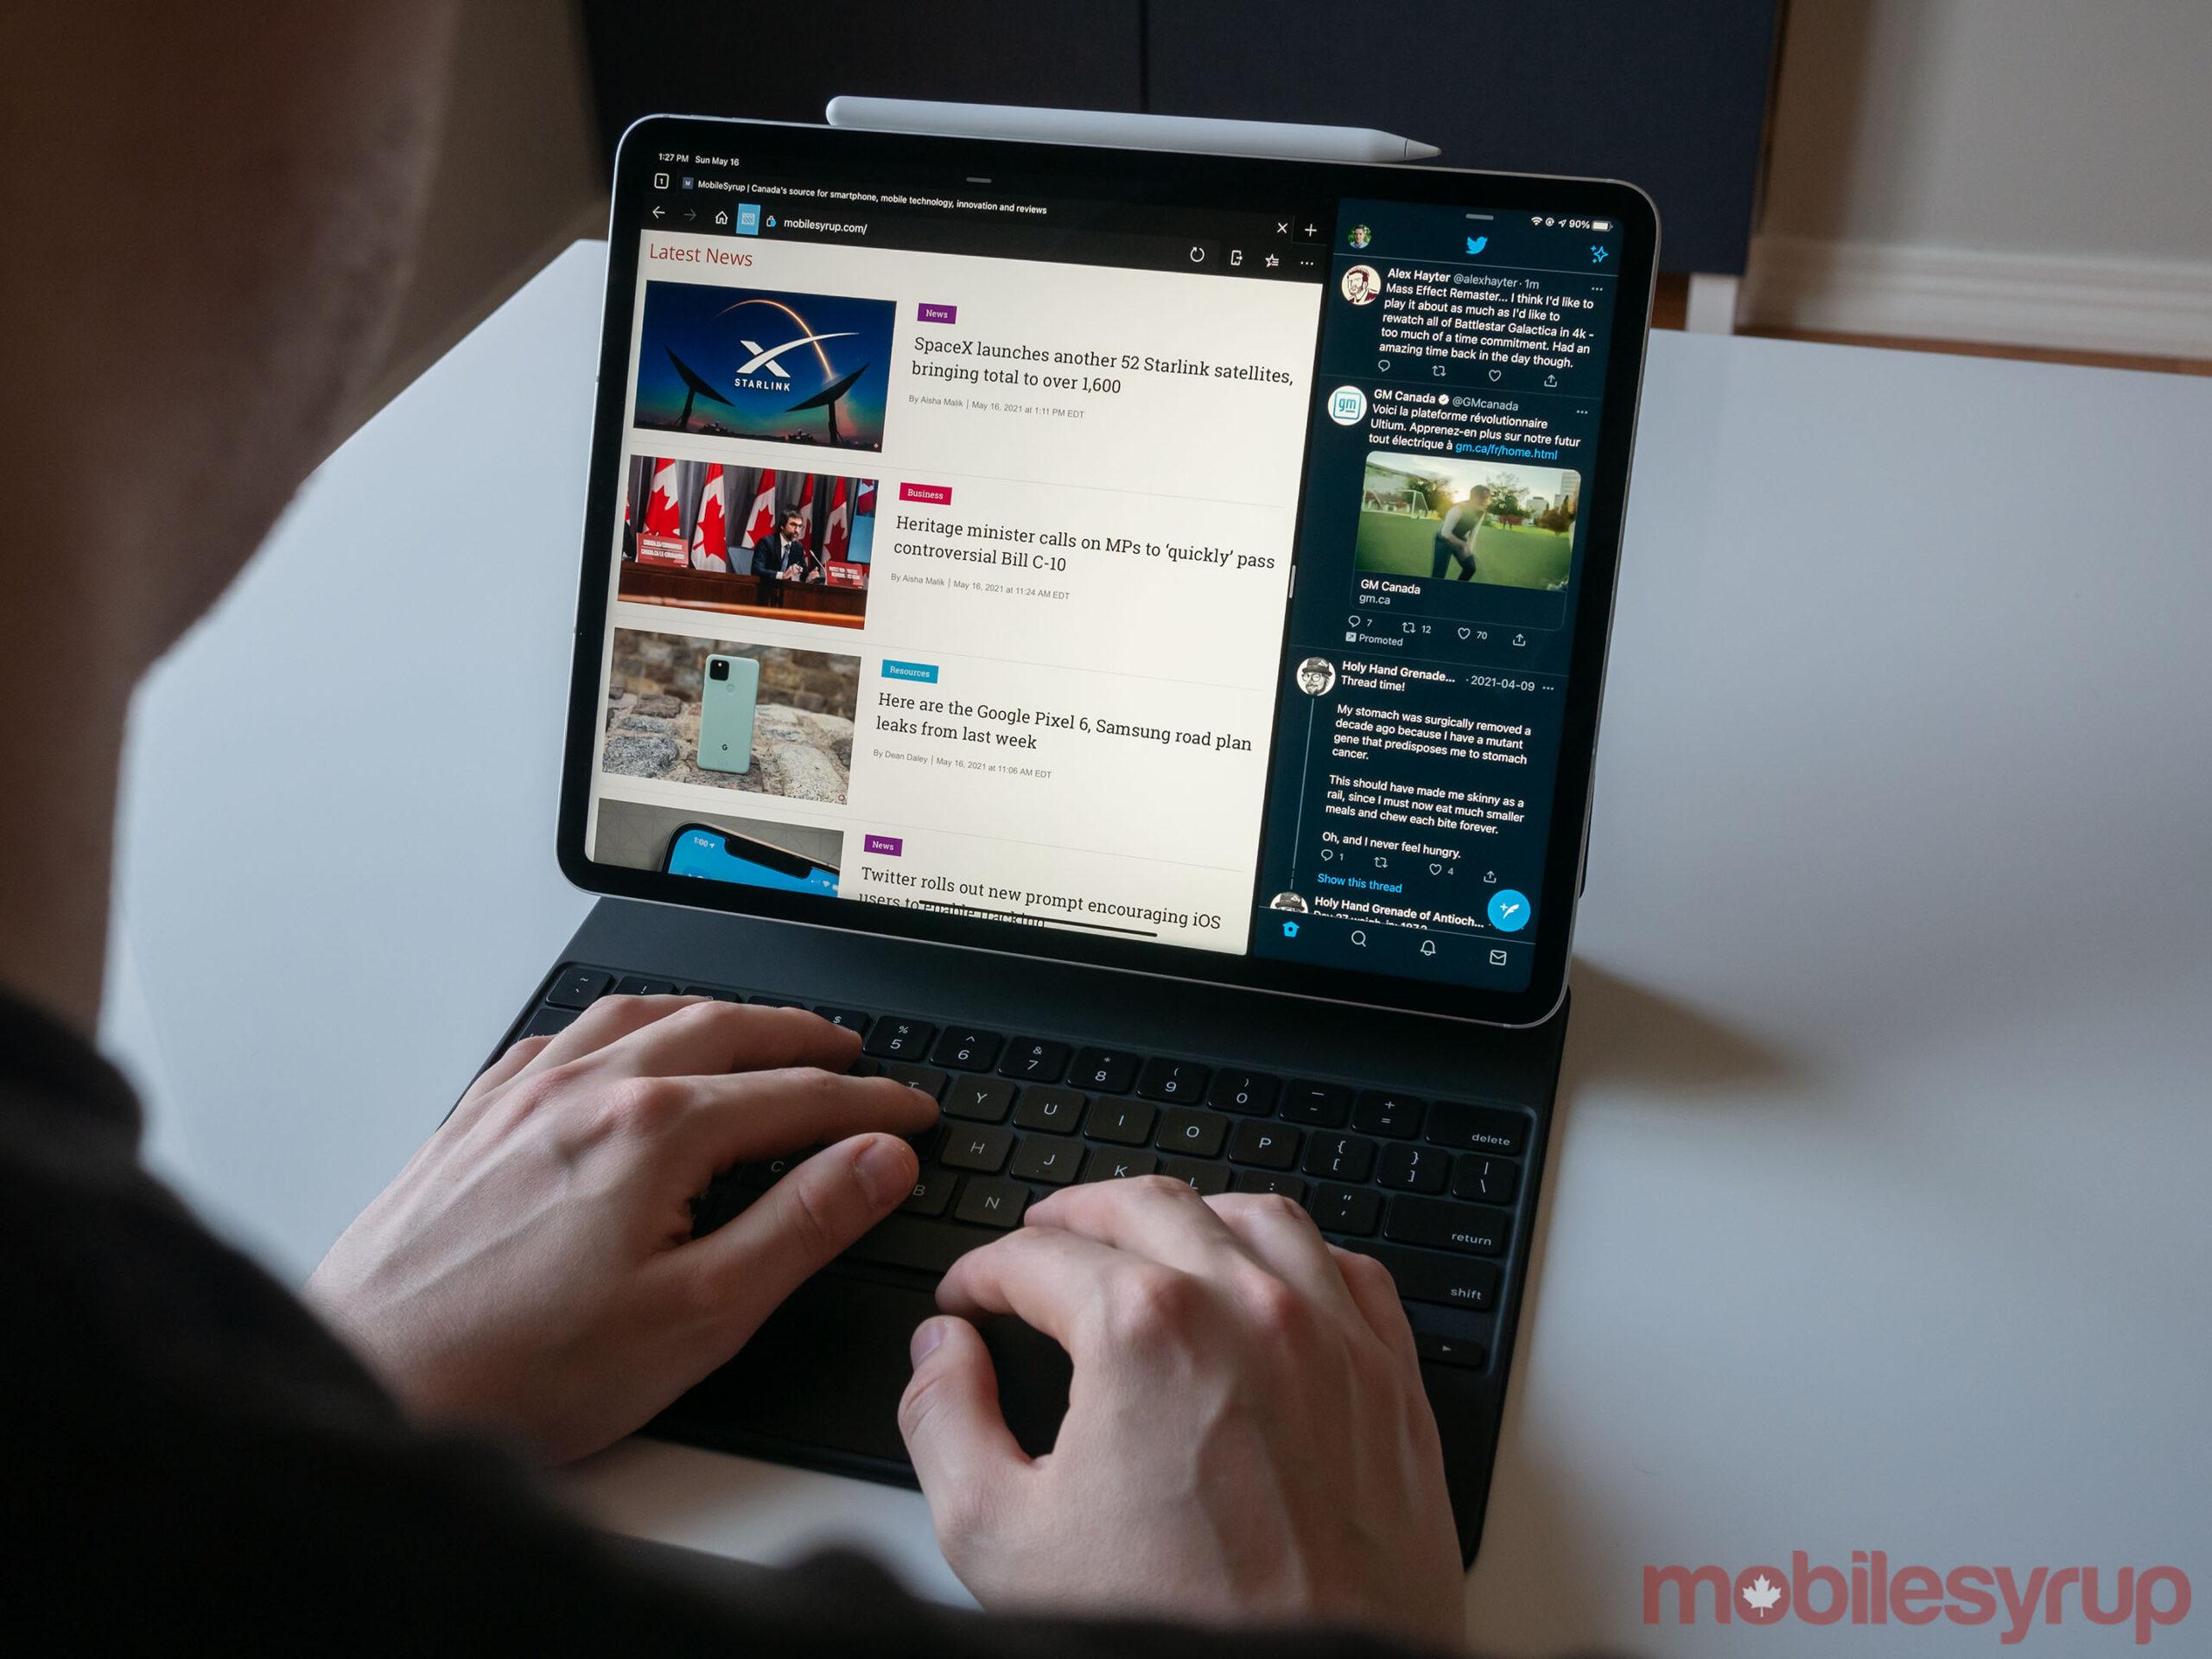 12.9-inch iPad Pro (2021) with Magic Keyboard